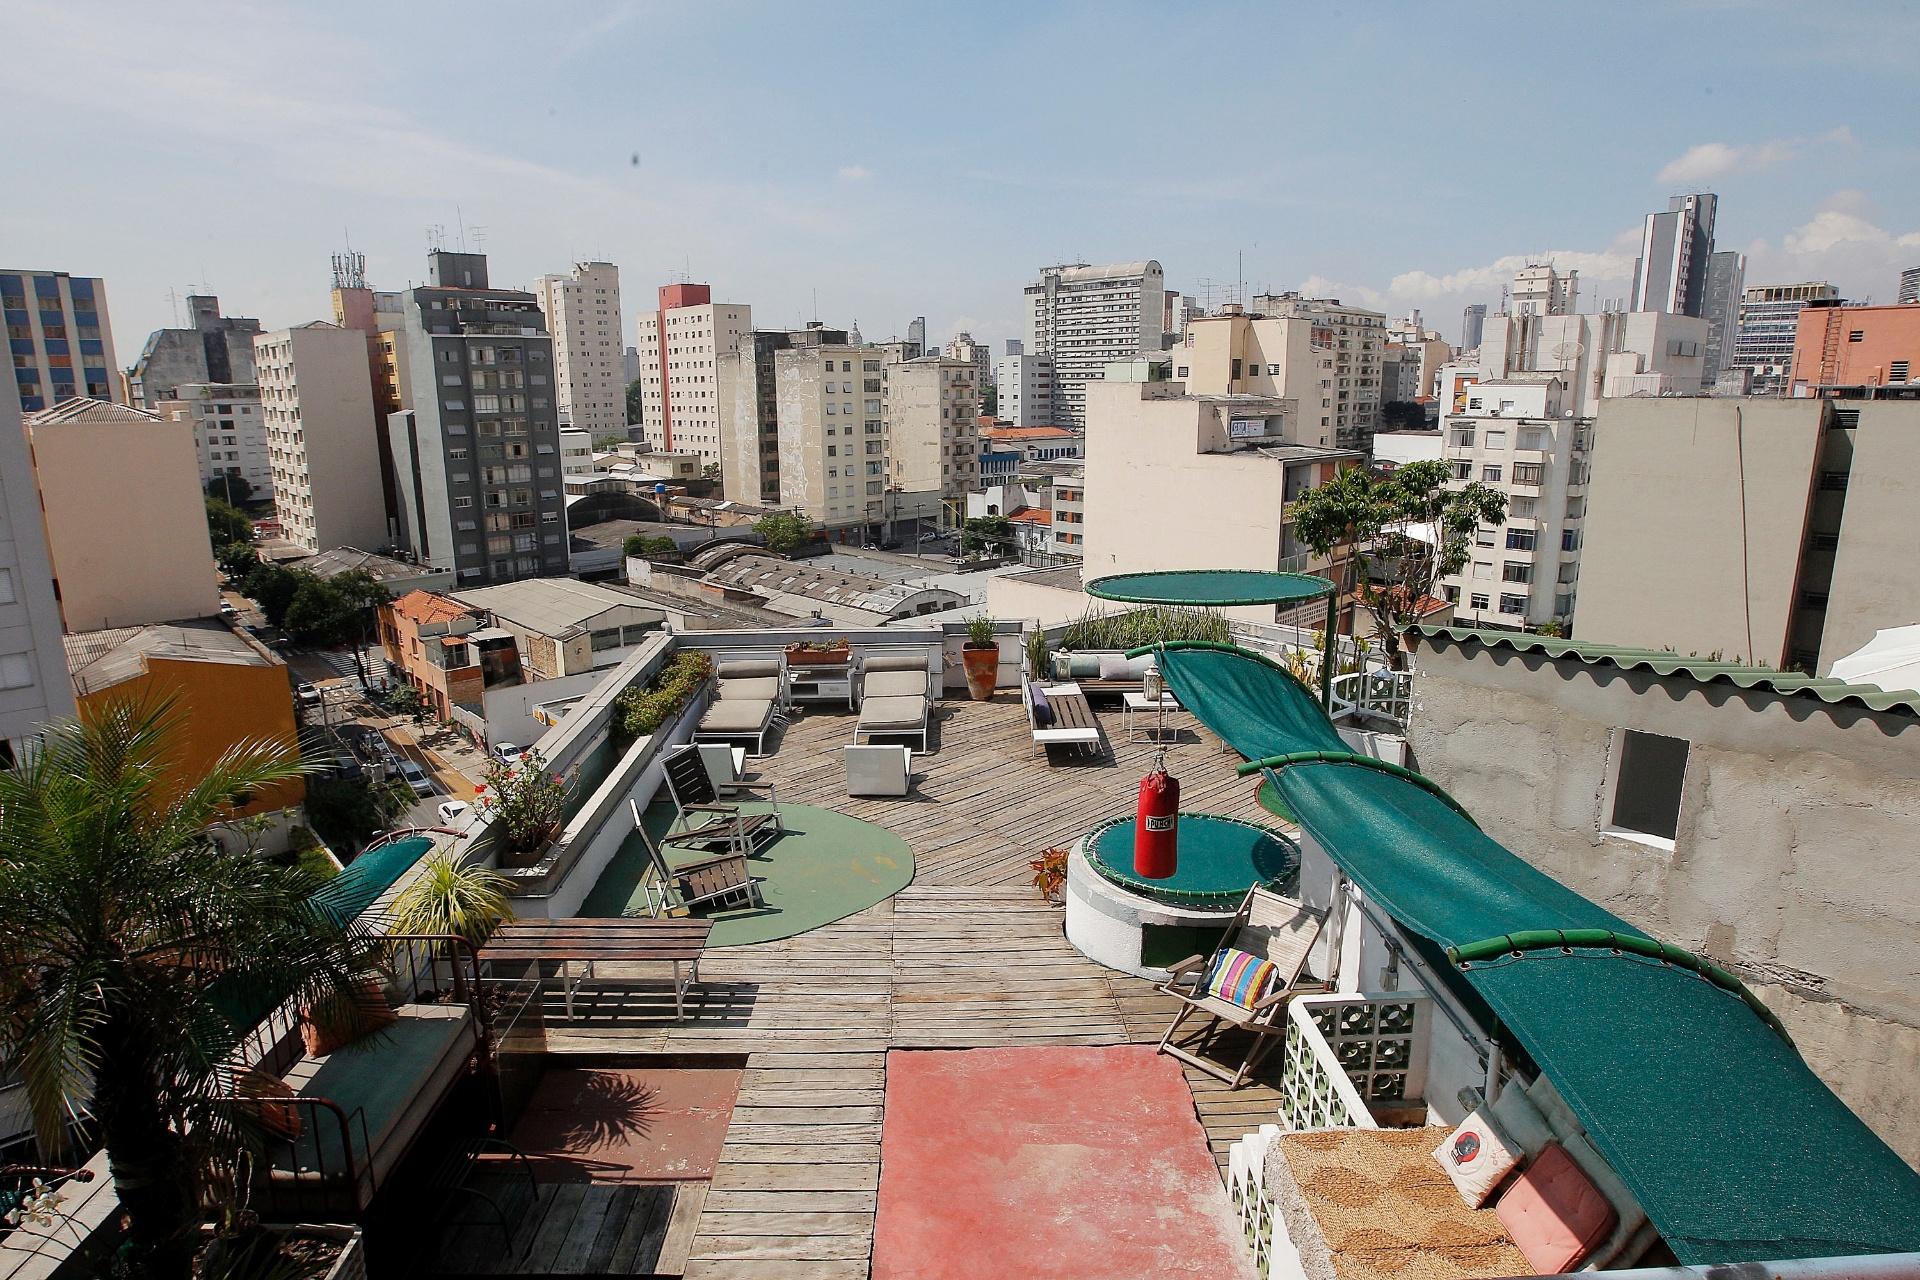 Vista do terraço (e do centrão de São Paulo), à partir da sala de estar construída com contêineres reaproveitados, no apê do ator Nico Puig